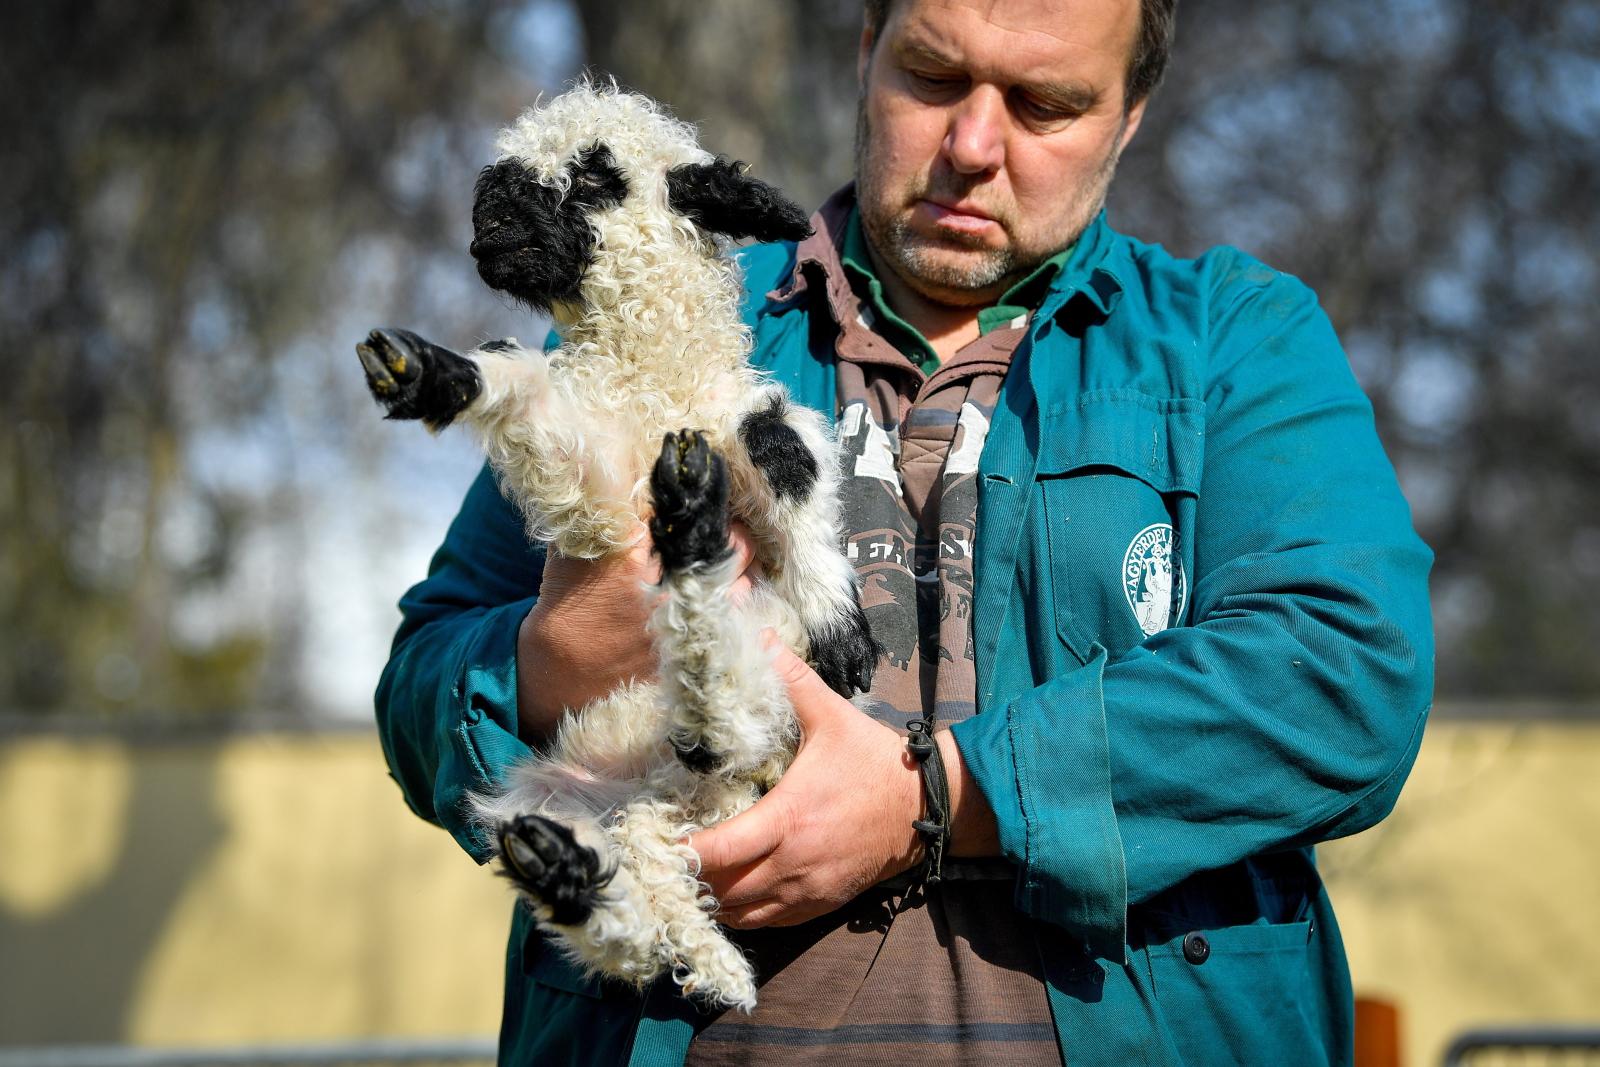 Tygodniowe jagnię w zoo na Węgrzech. Fot. PAP/EPA/ZSOLT CZEGLEDI